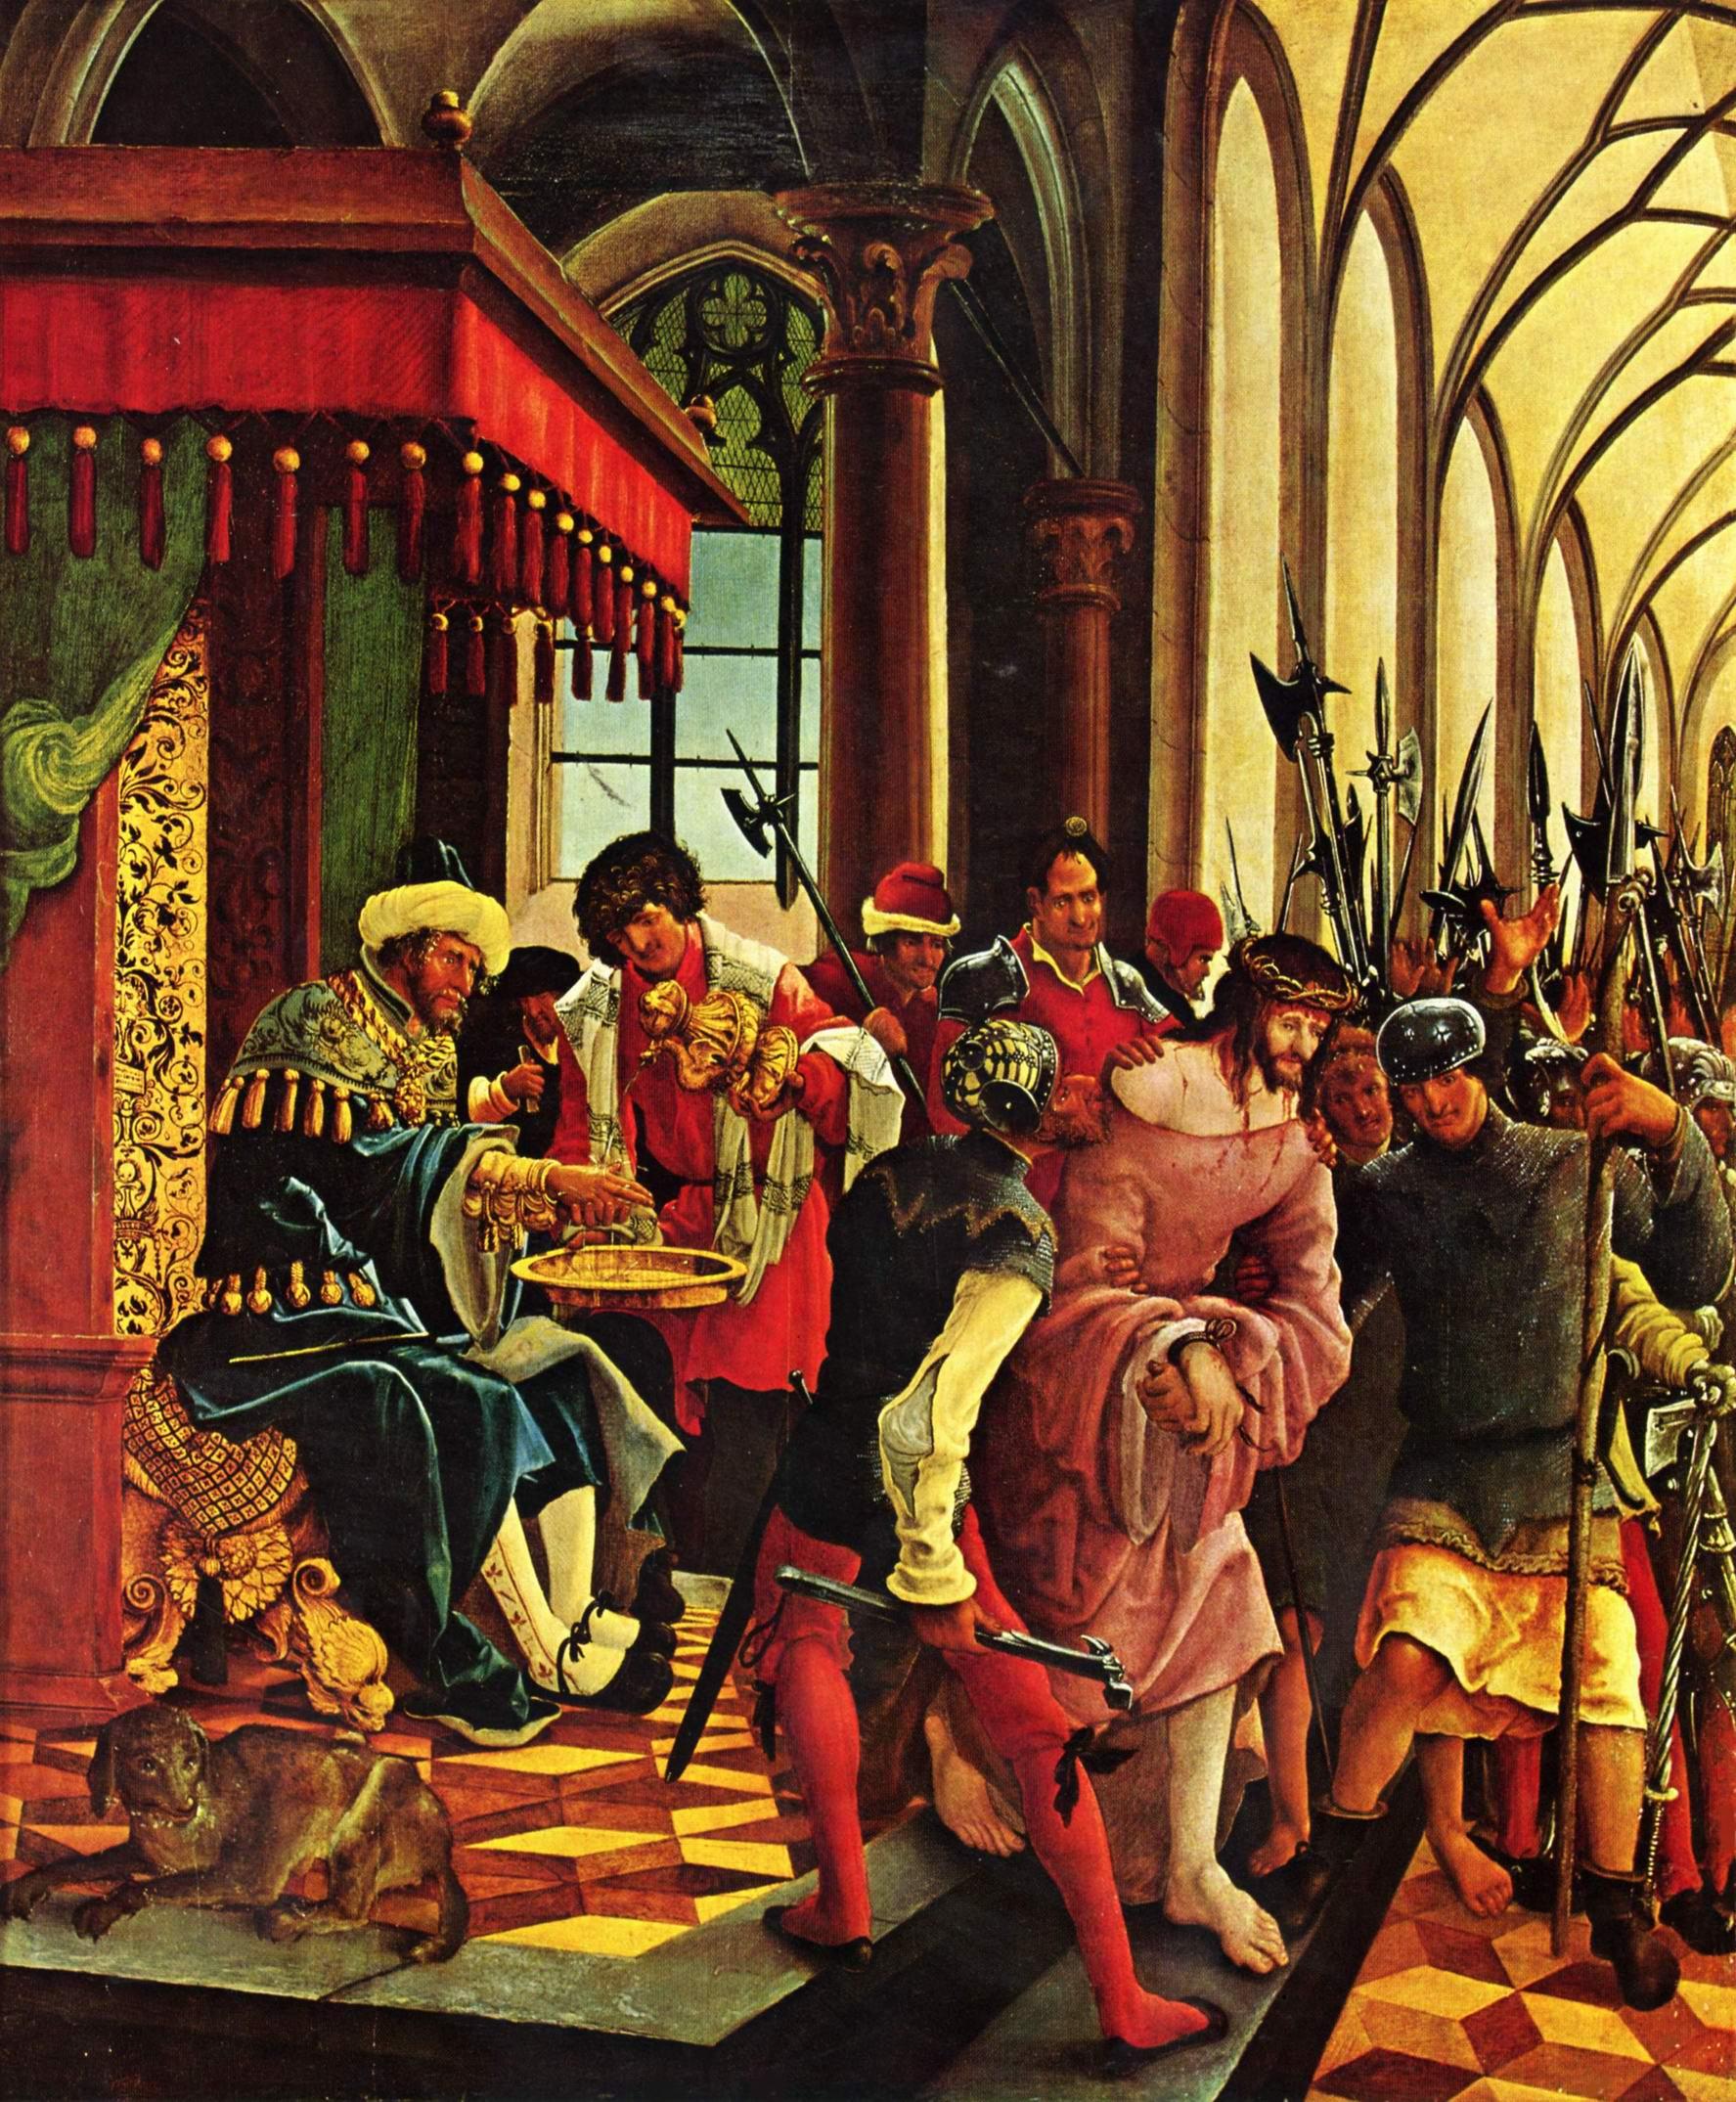 Алтарь св. Себастьяна монастыря св. Флориана ордена августинцев-каноников, левая внутренняя створка, страдания Господни, Пилат умывает руки, Альтдорфер Альбрехт